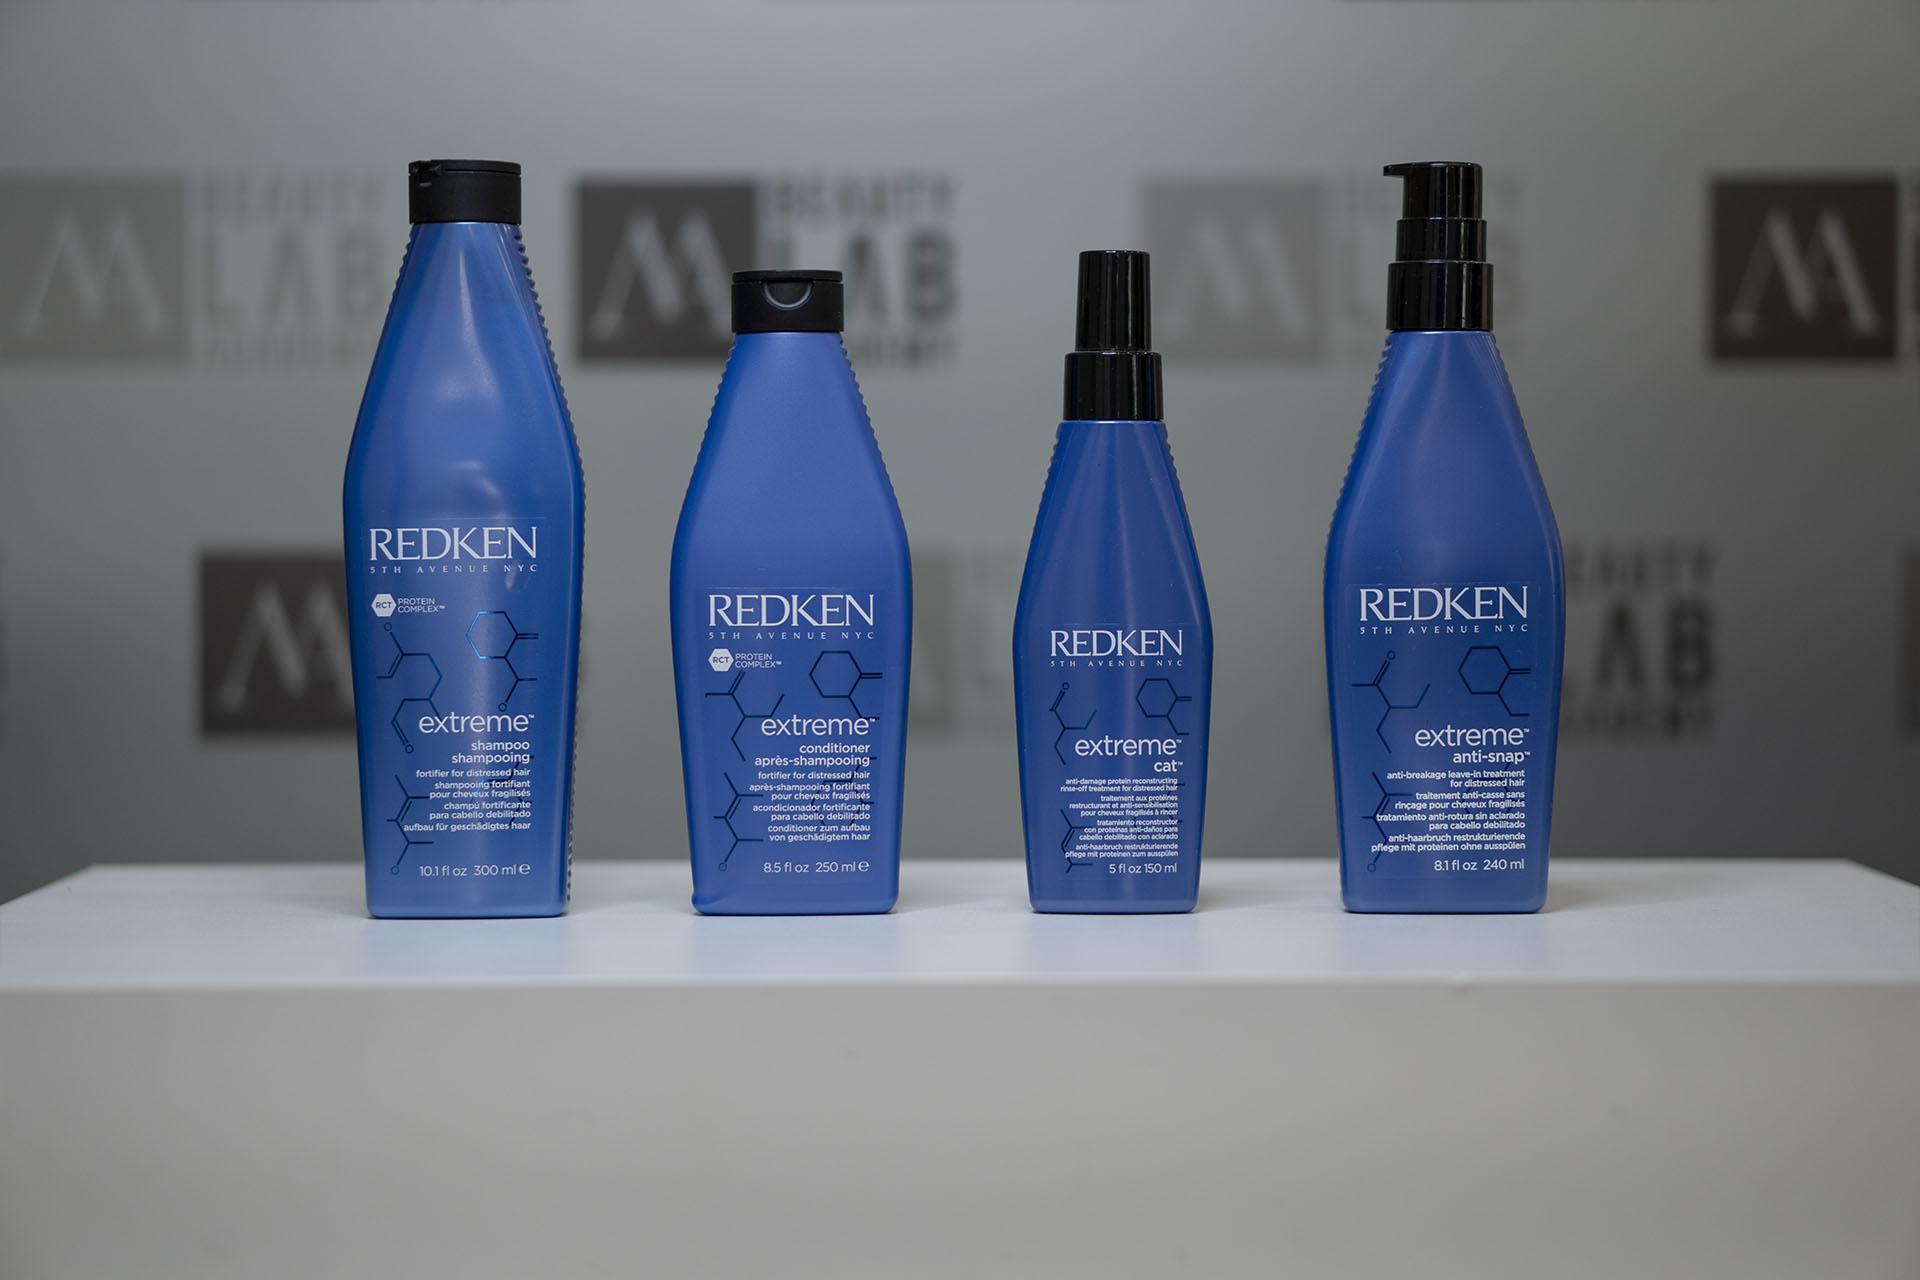 redken prodotti capelli firenze